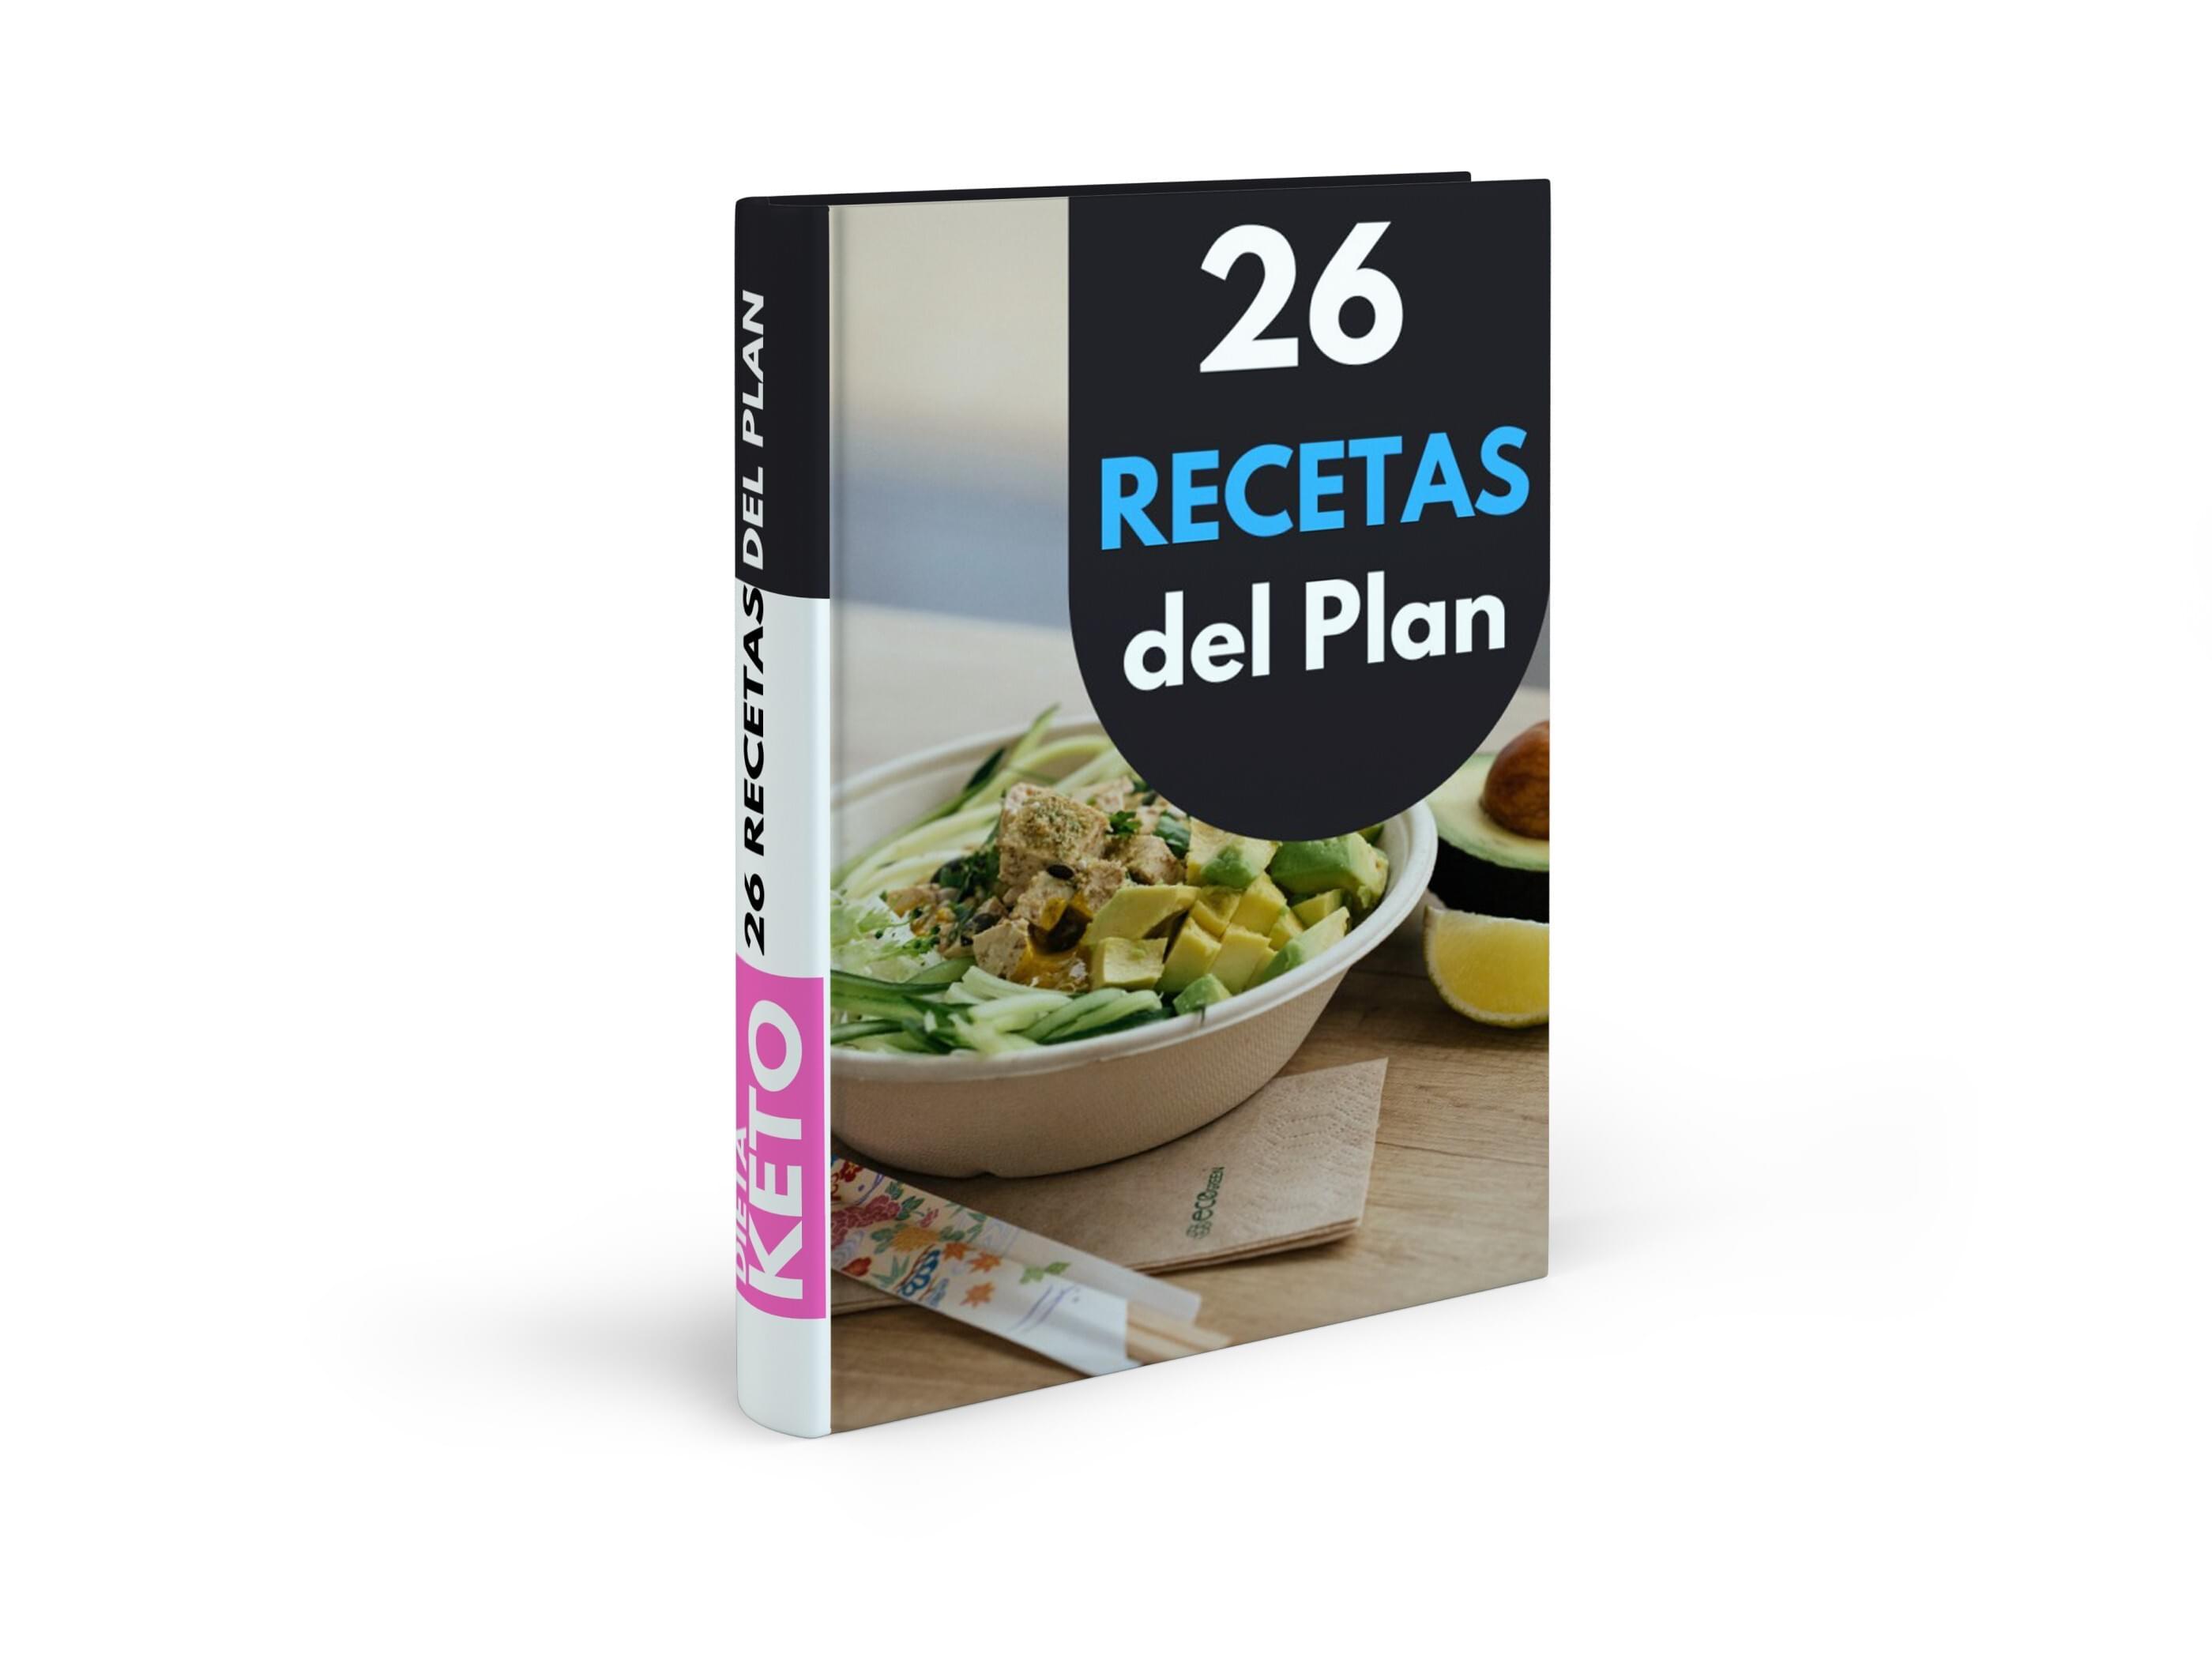 dieta saludable, sieta sana, 19 dias keto, dieta keto, dieta cetogenica, bajar de peso, perder peso, adelgazar, plan alimenticio, dieta de adele, dieta de famosos,